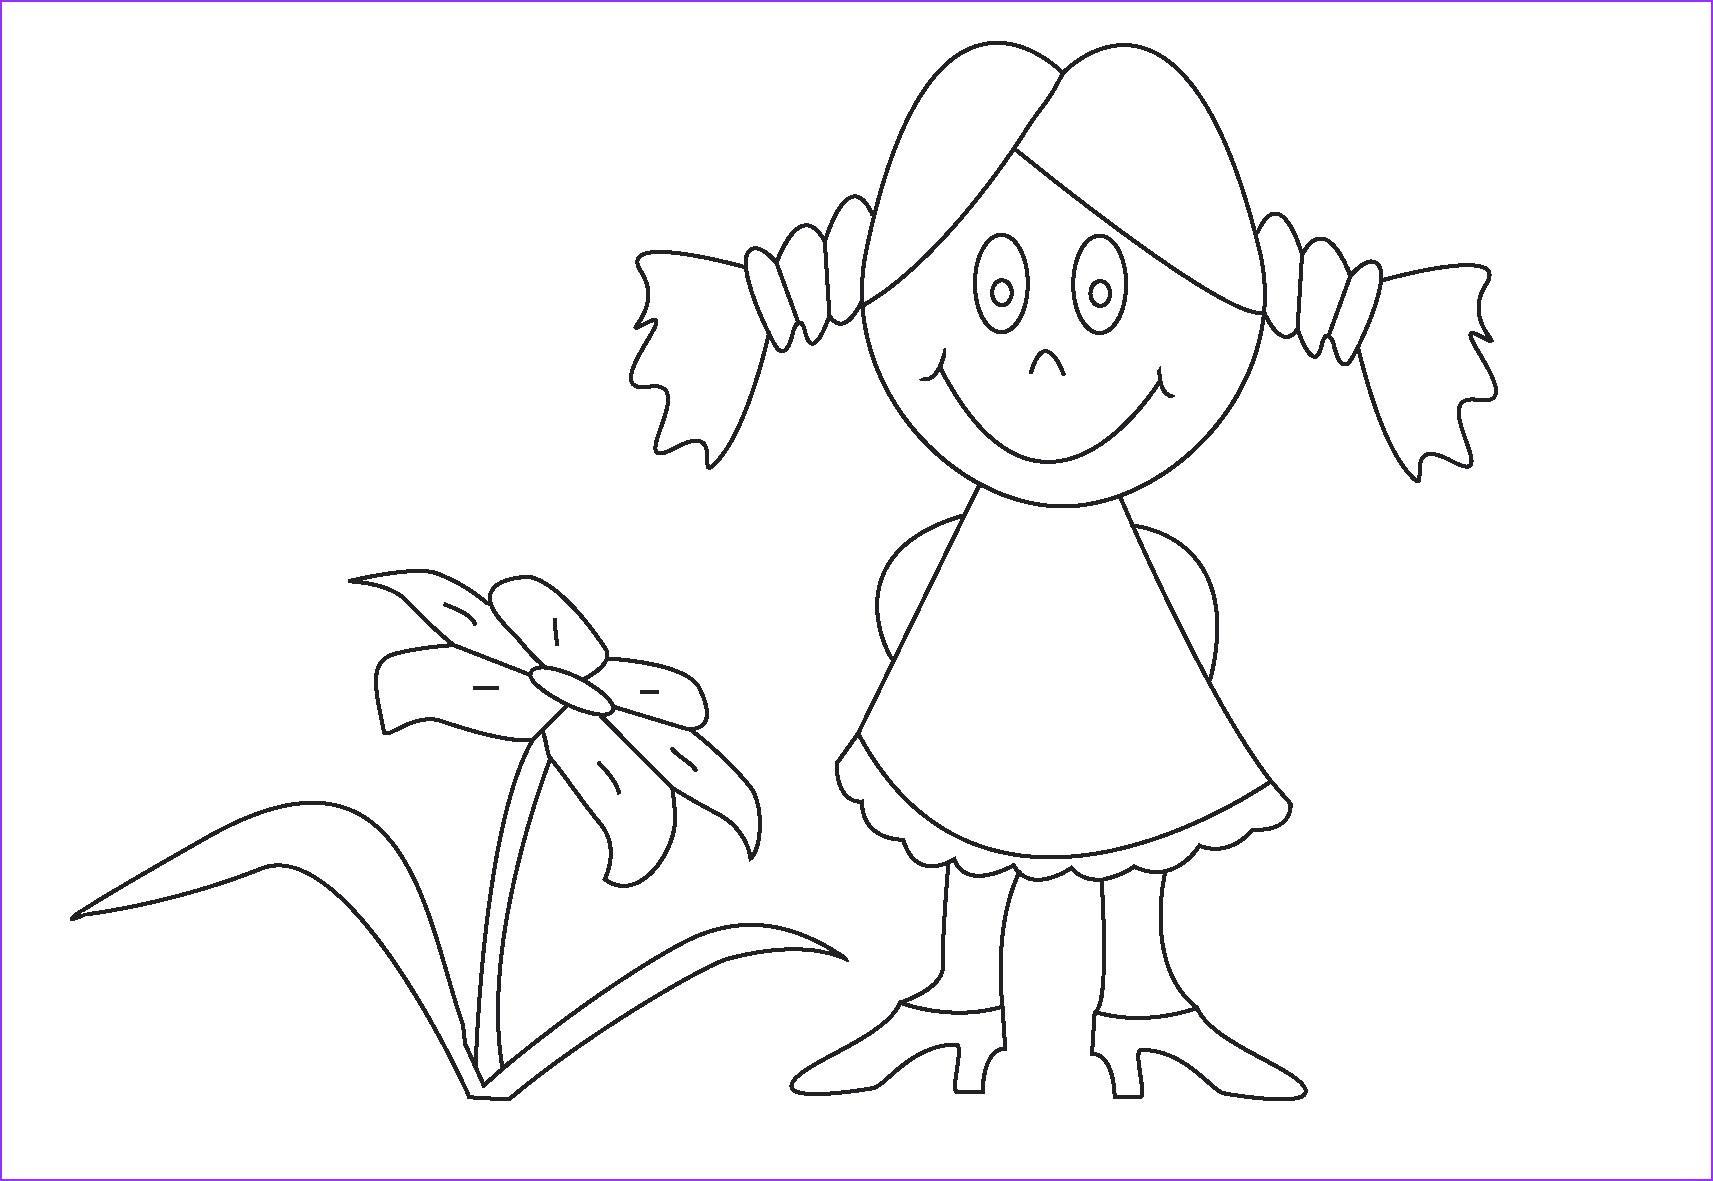 Ausmalbilder Für Kleinkinder Weihnachten Genial Ausmalbilder Für Mädchen Mädchen Malvorlage Wunderschön Fotos